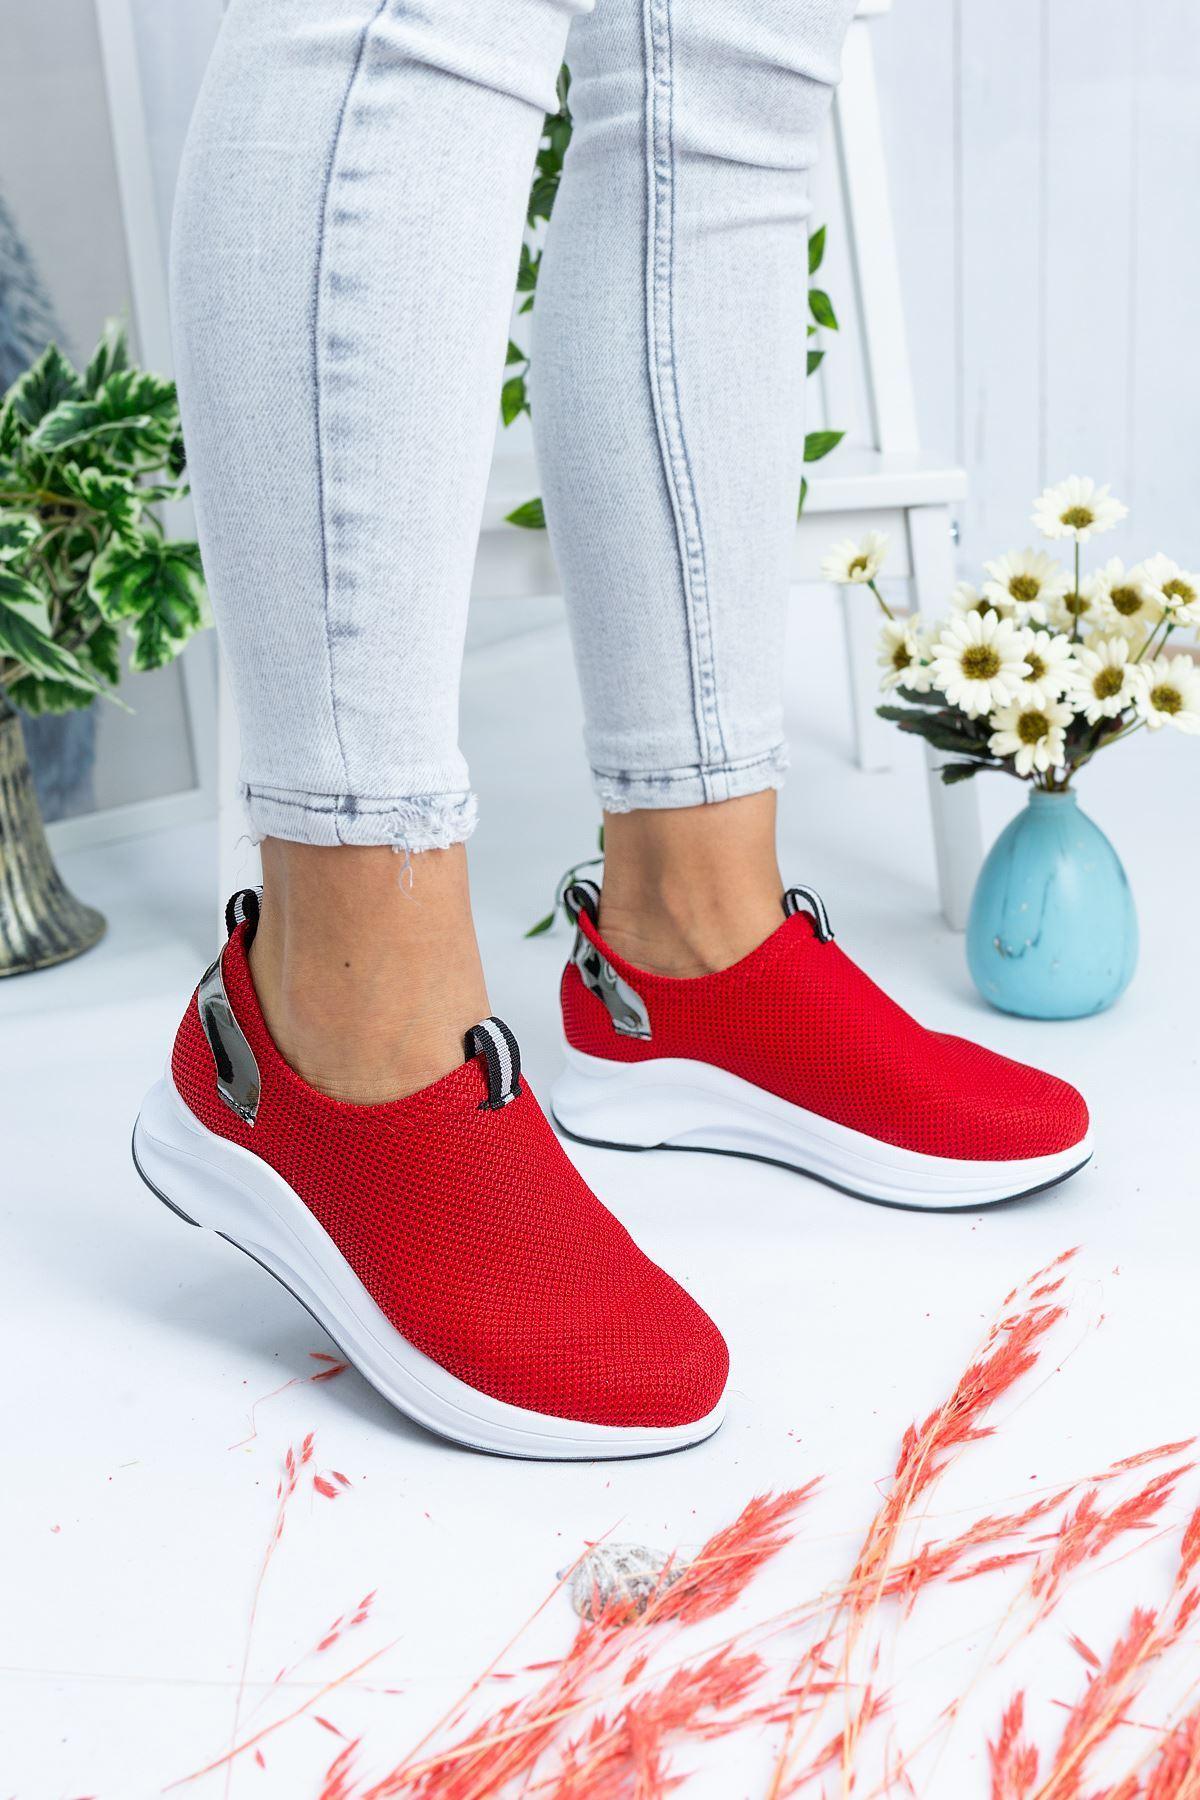 Sonya Kırmızı Kadın Spor Ayakkabı